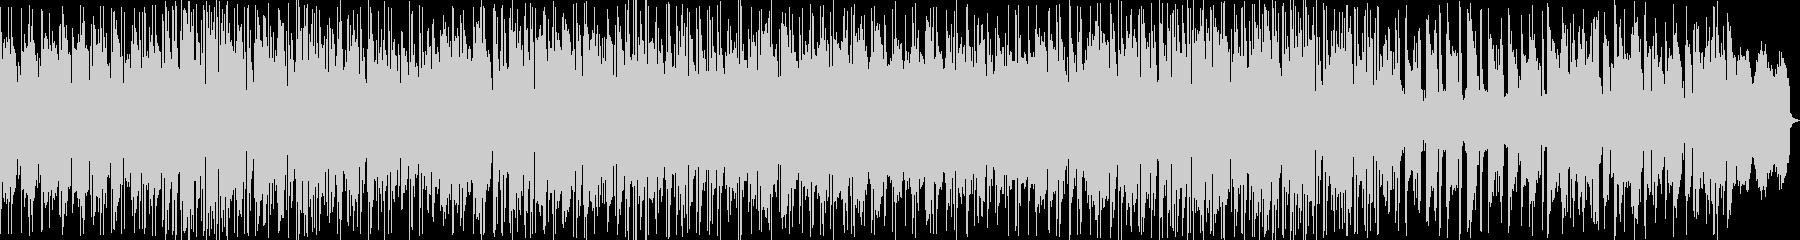 ナレーションの妨げにならないボサノバ曲の未再生の波形